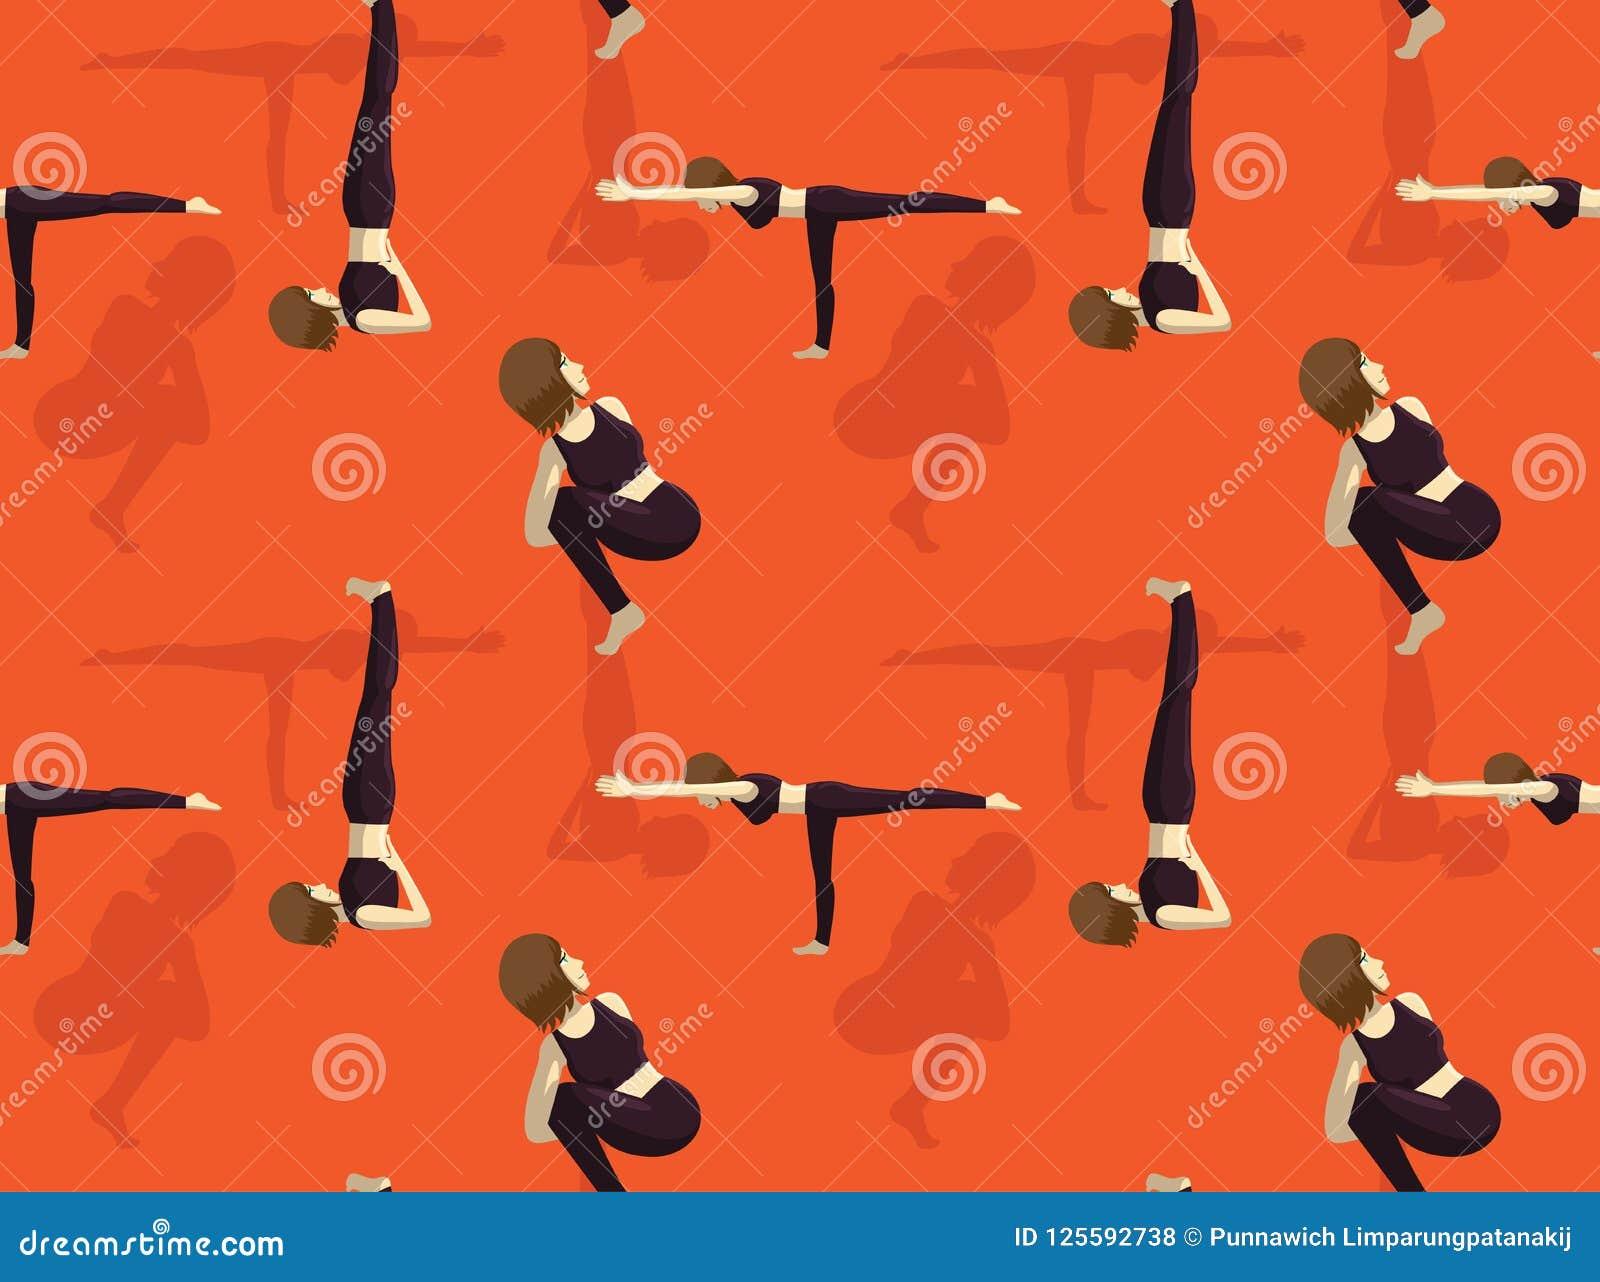 Manga Yoga Noose Pose Background Seamless Wallpaper